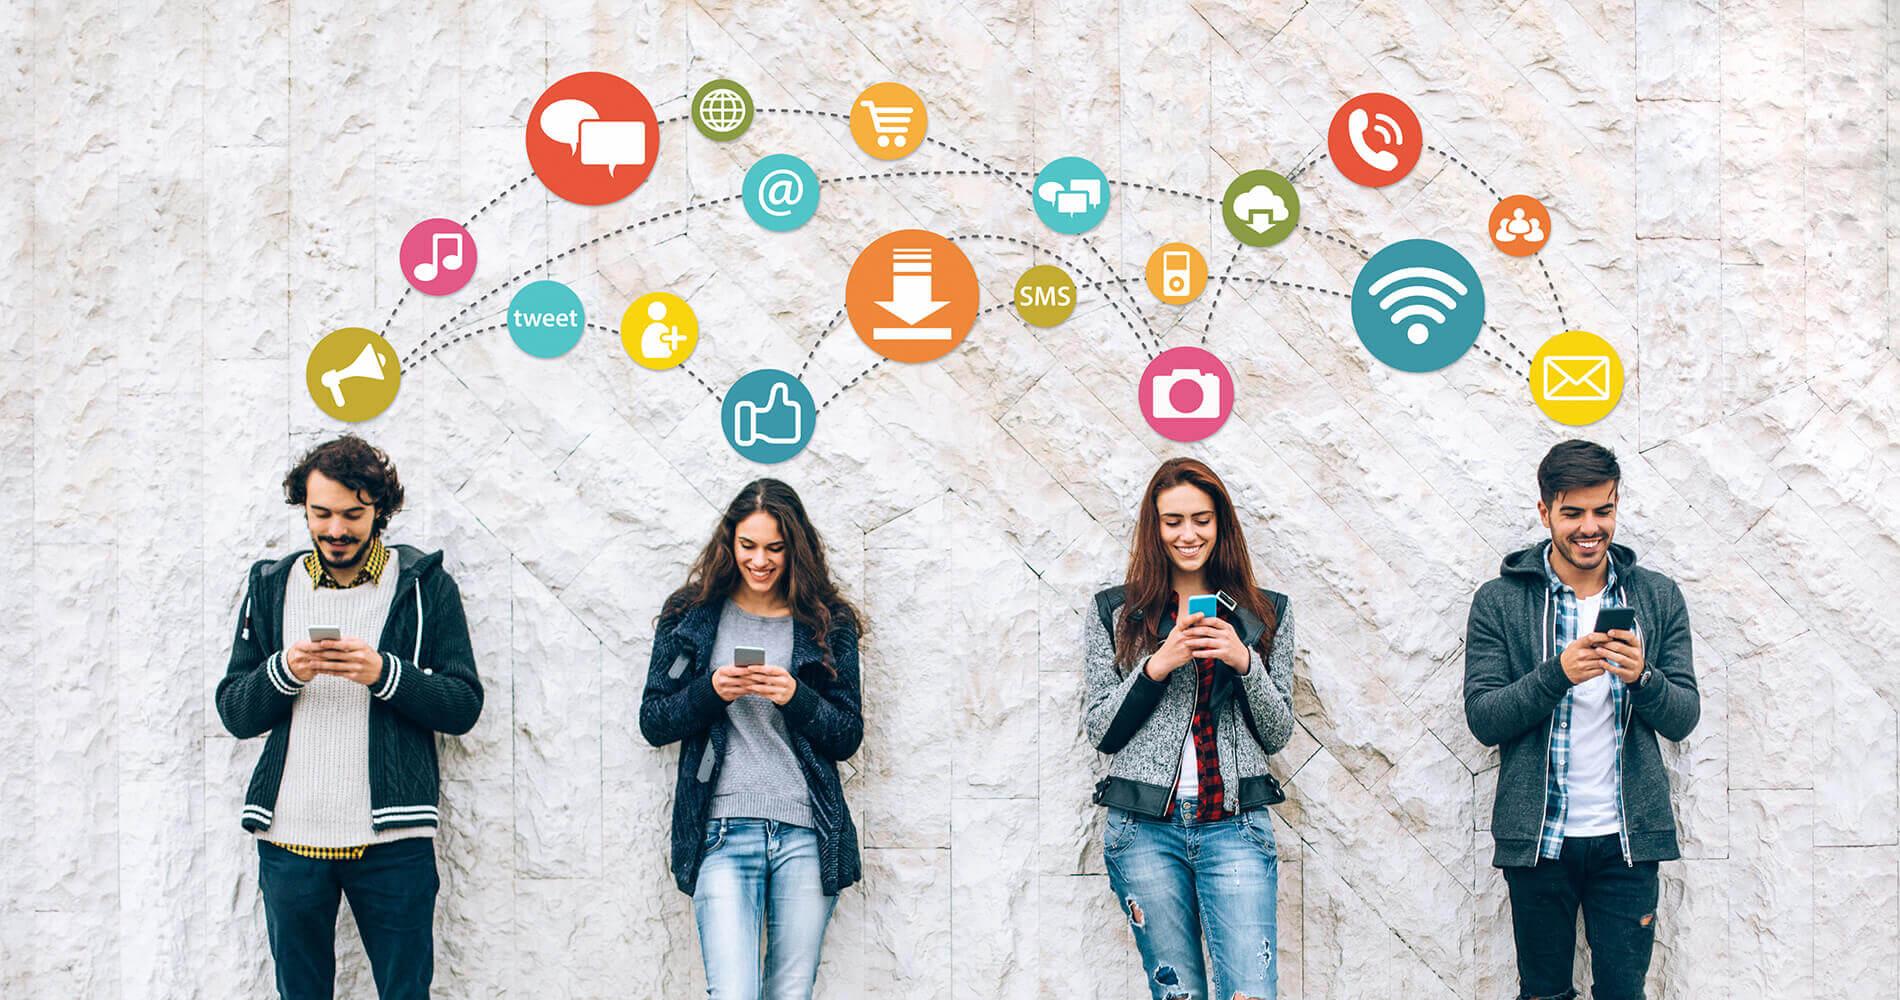 Marketing Using Social Media 5/6